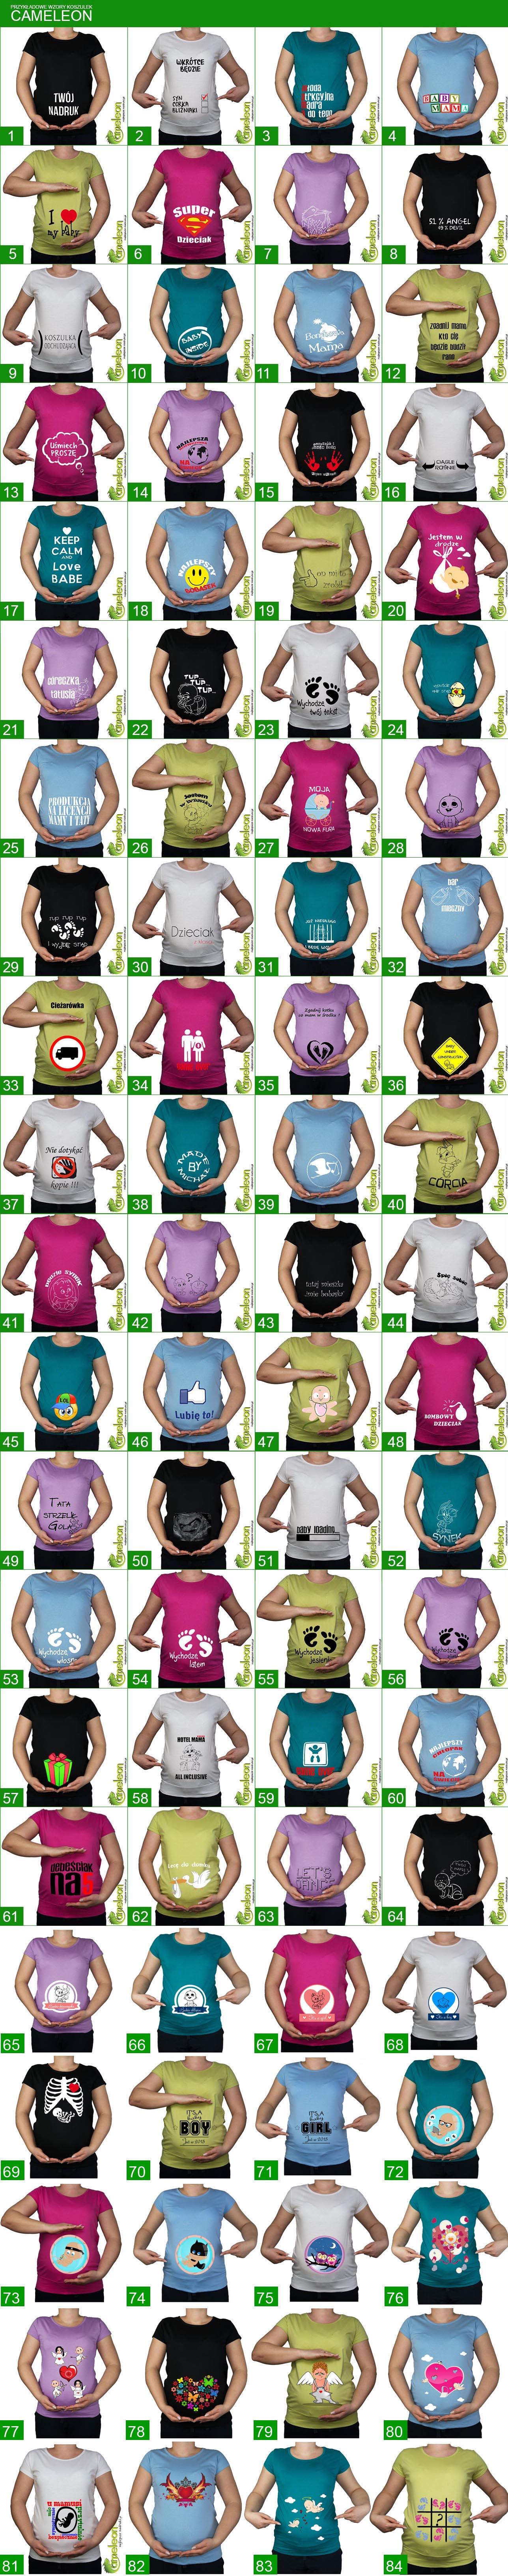 Koszulka Mamuski Ciazowa Z Dowolnym Nadrukiem Xl Koszulki